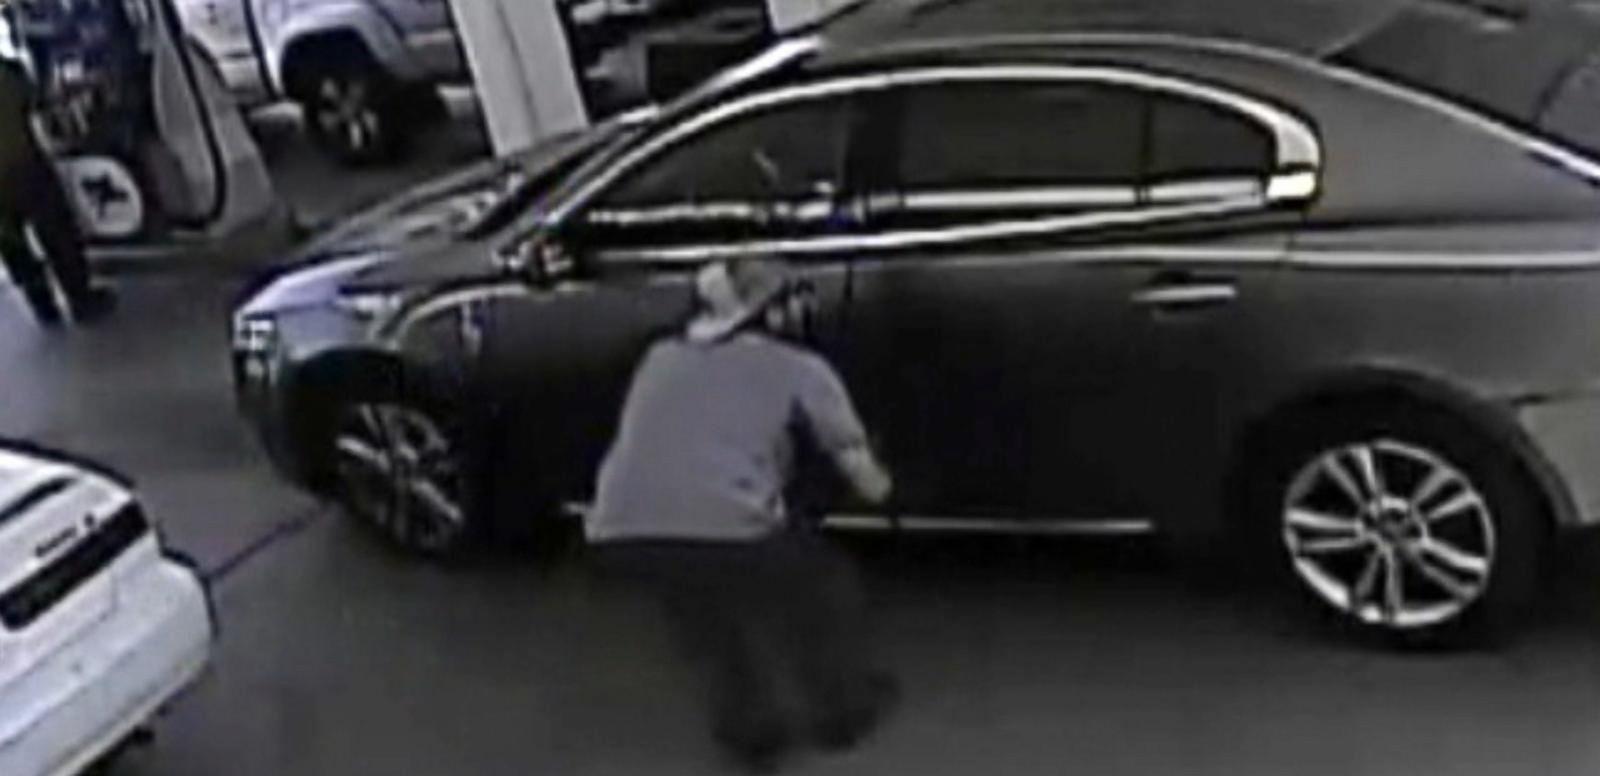 VIDEO: Authorities Warn of 'Slider' Thieves